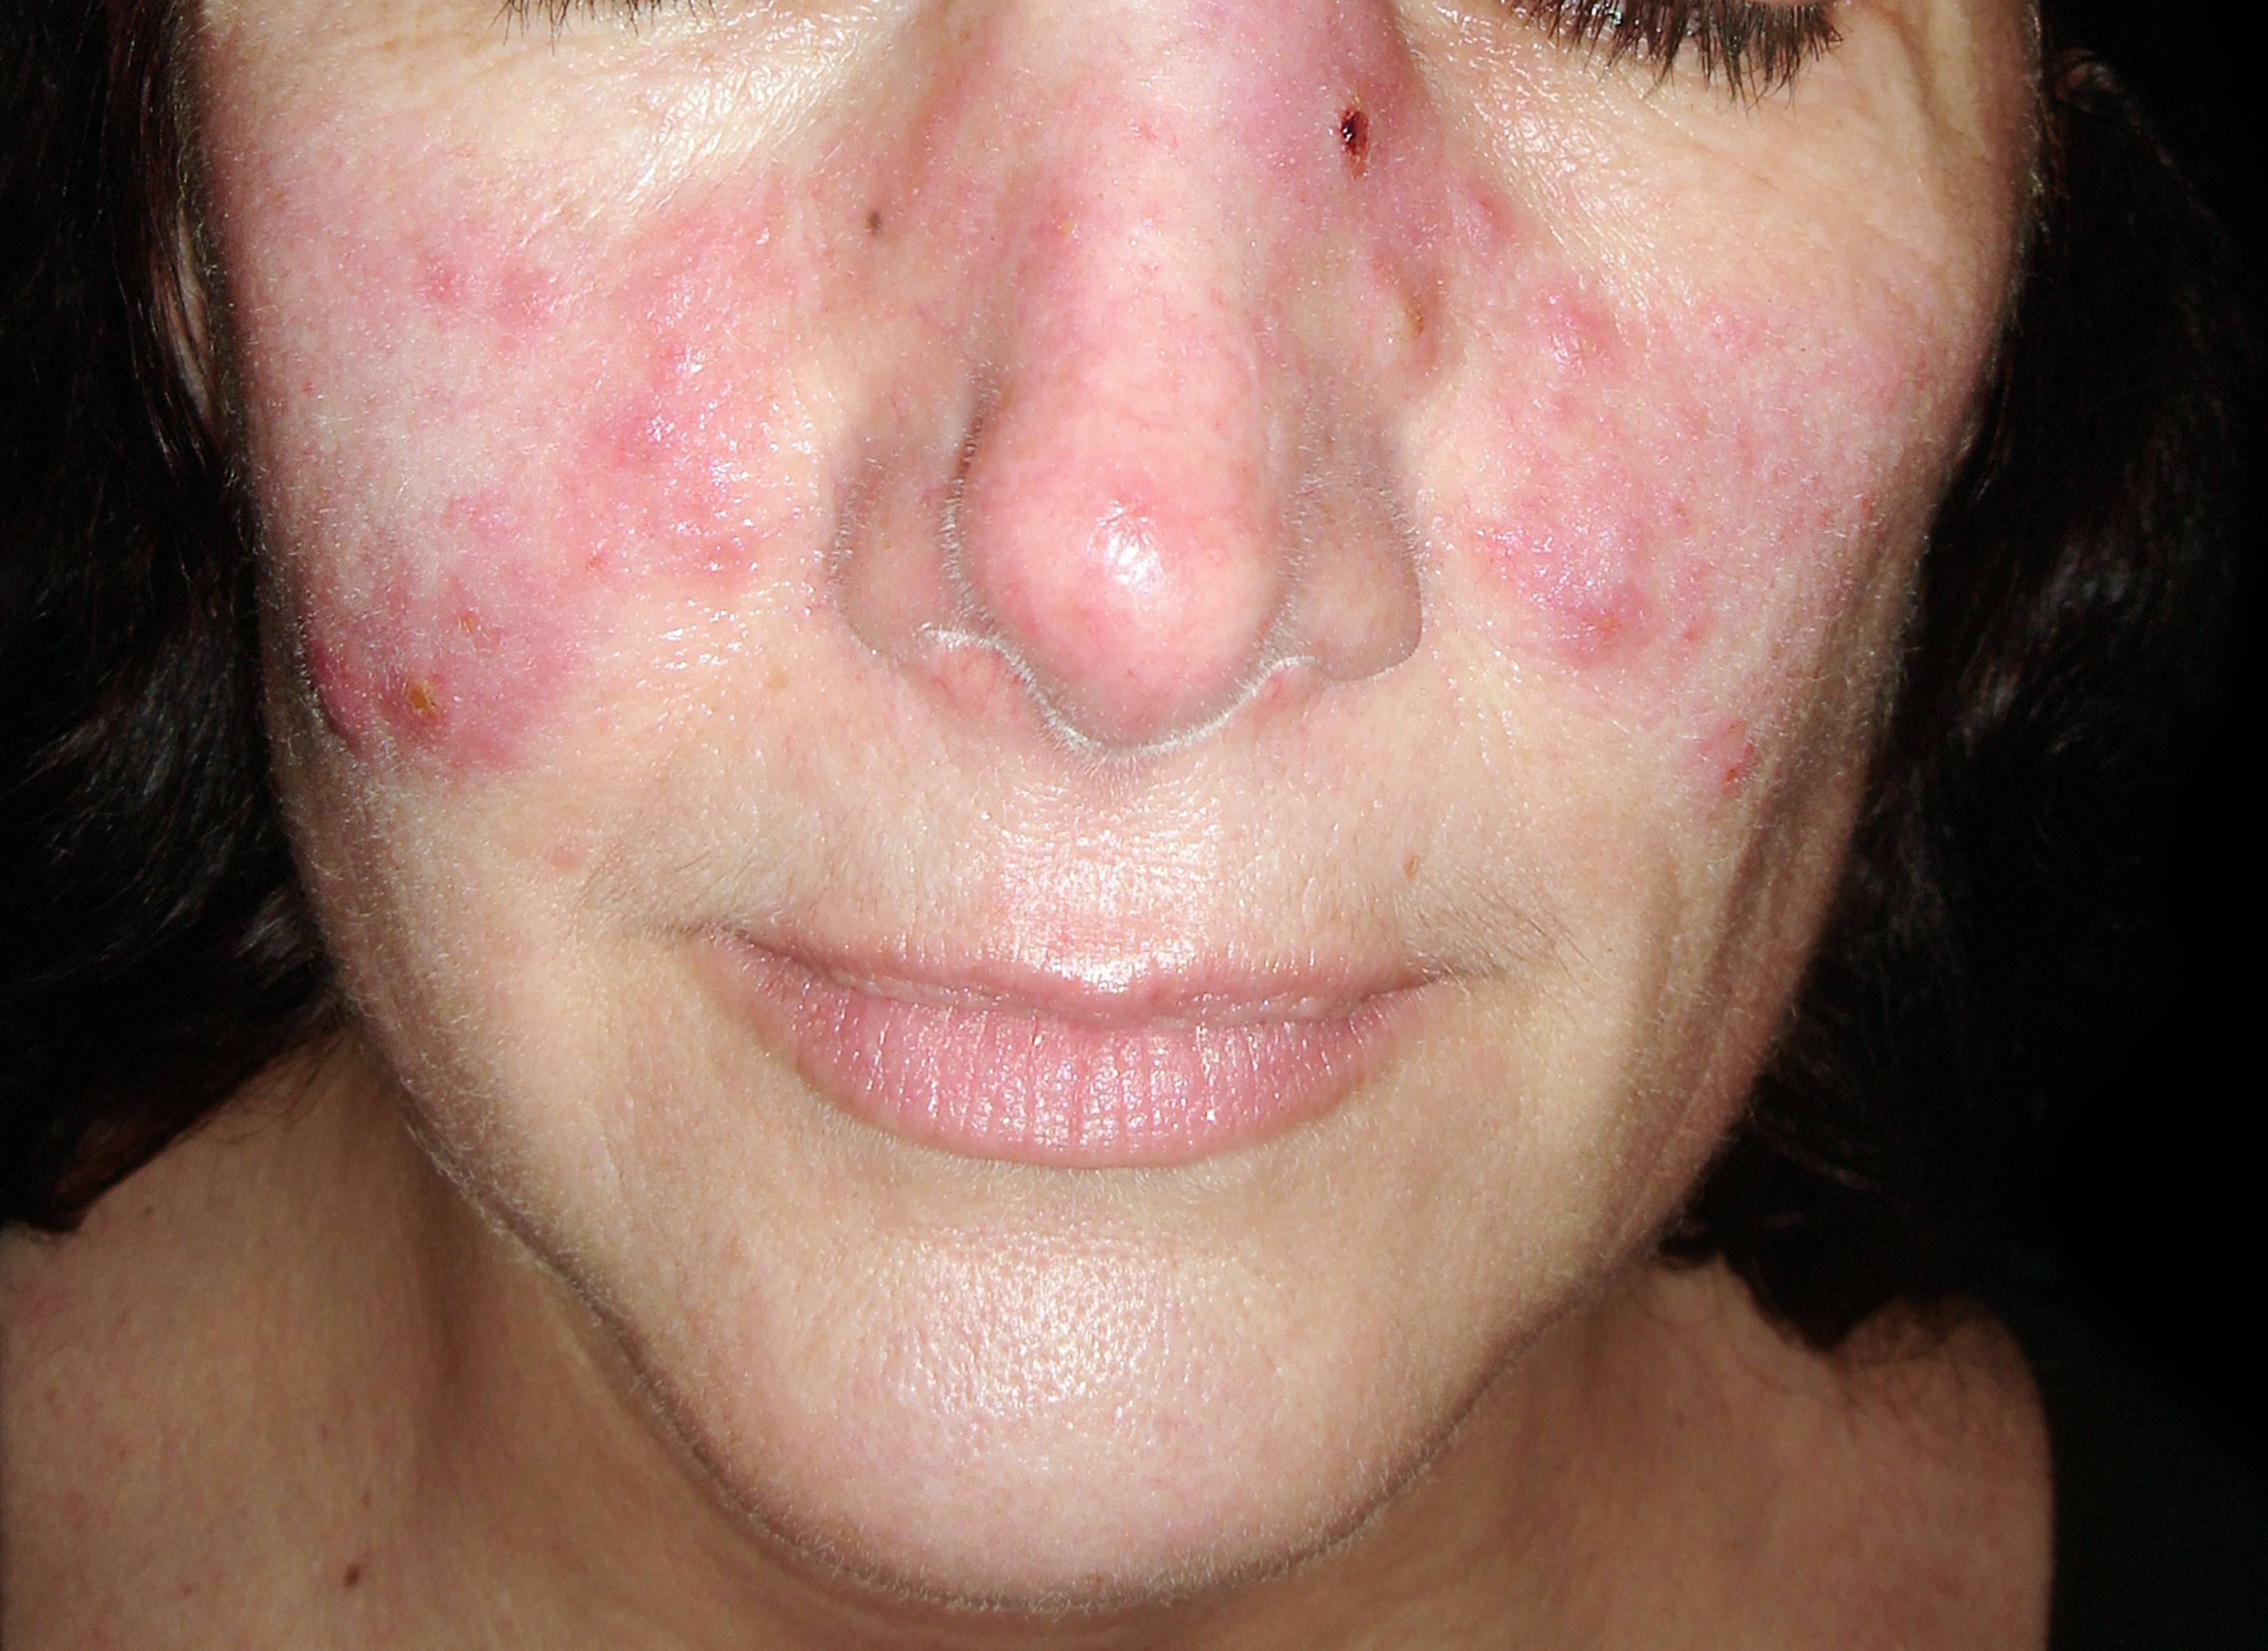 Miért a vörös foltok a szem alatt és körül: diagnózis és hatékony kezelés - Sérülések - November